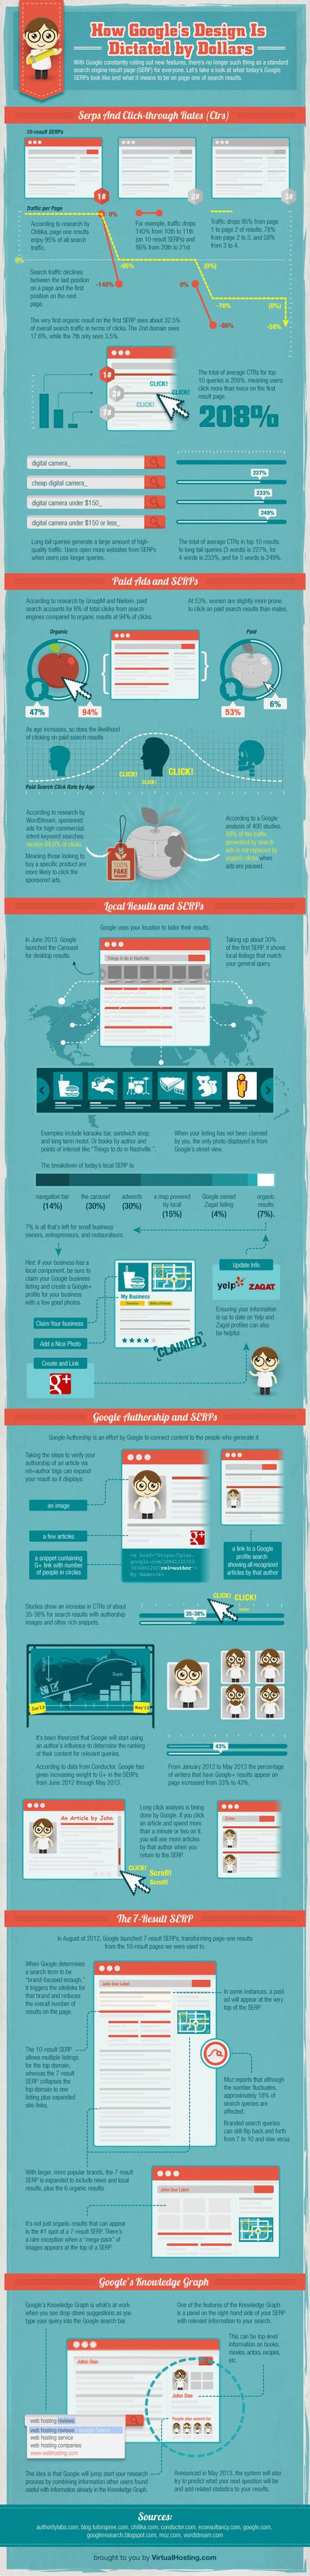 Google's Profit by Design [Infographic] - DashBurst | Web Marketing - Référencement | Scoop.it